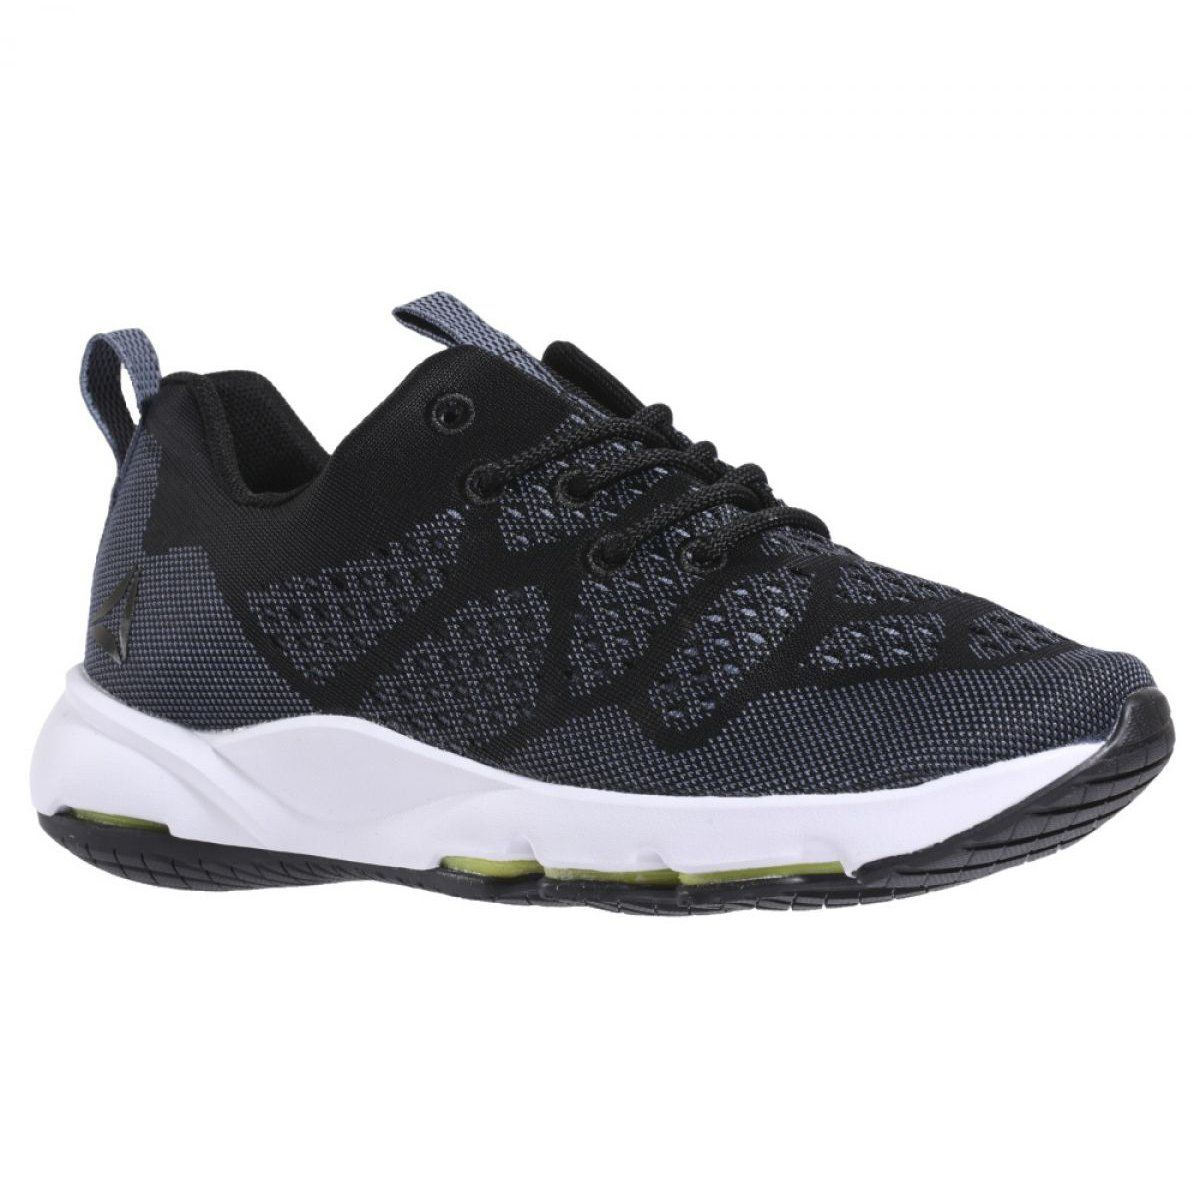 Buty Treningowe Reebok Clouride Ls Dmx W Bd4137 Czarne Training Shoes Sport Shoes Women Reebok